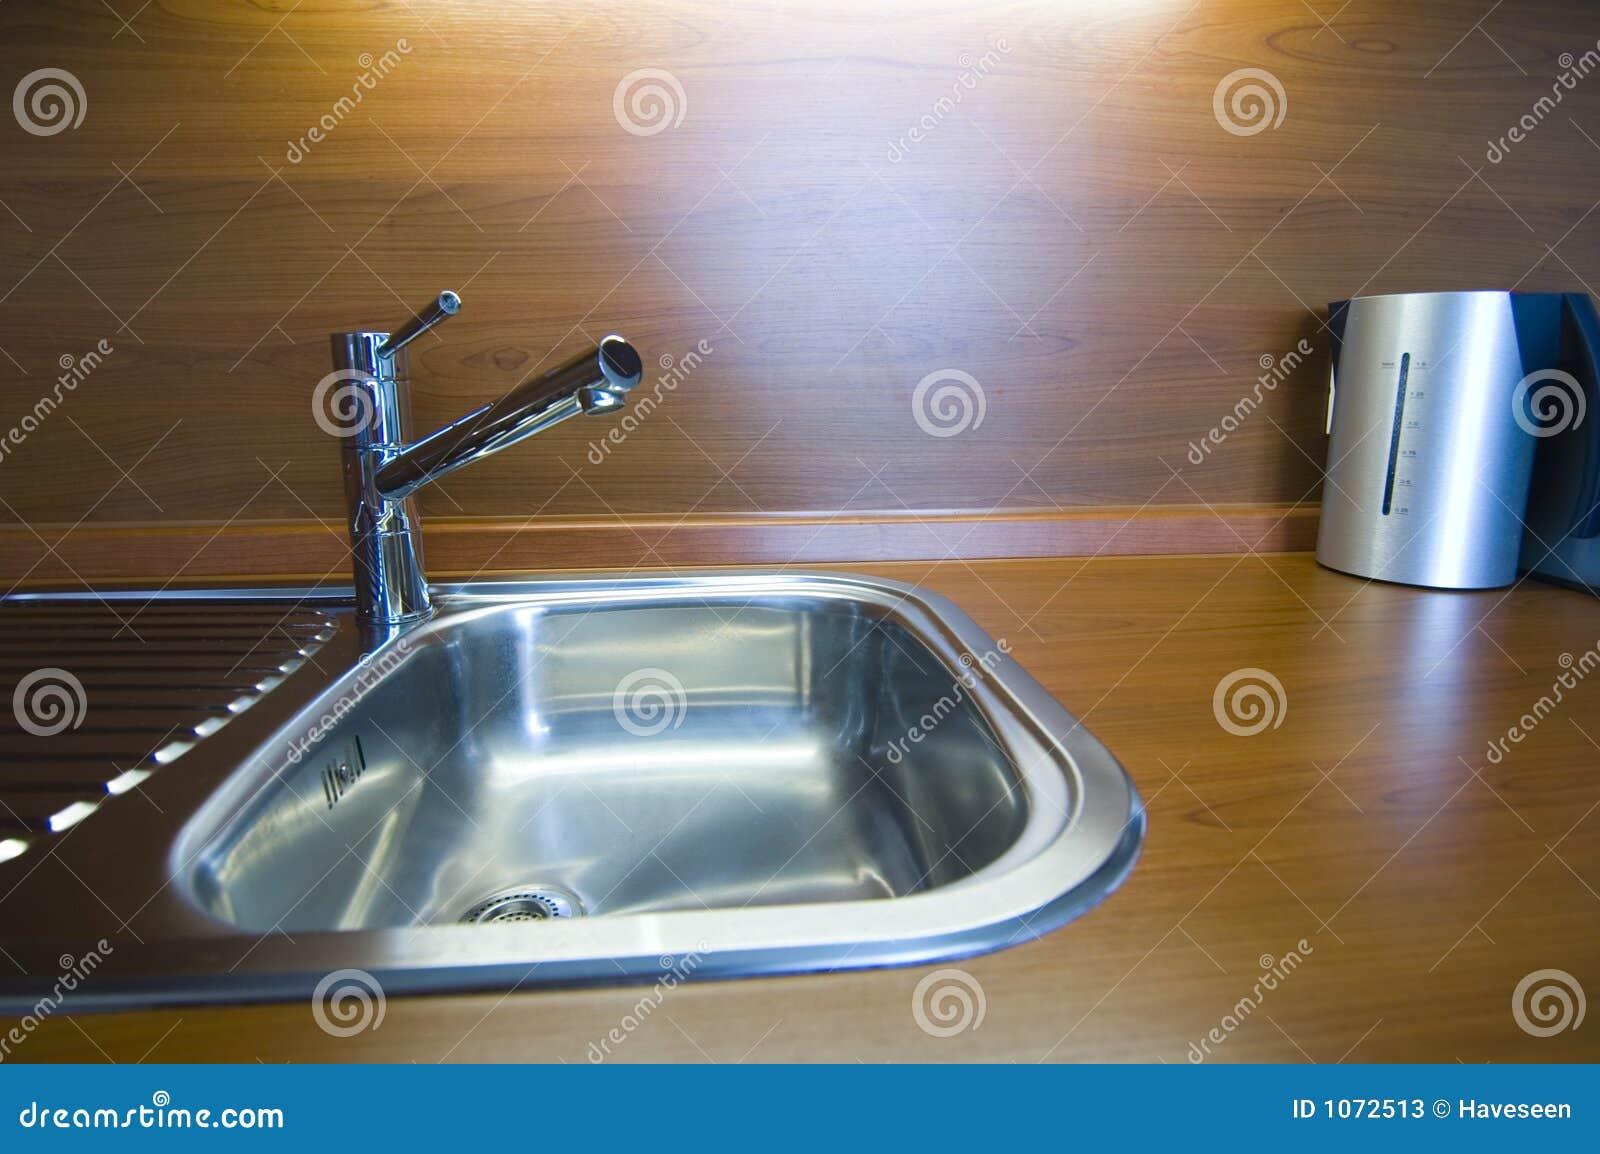 Kraan in keuken stock afbeelding afbeelding bestaande uit elegant